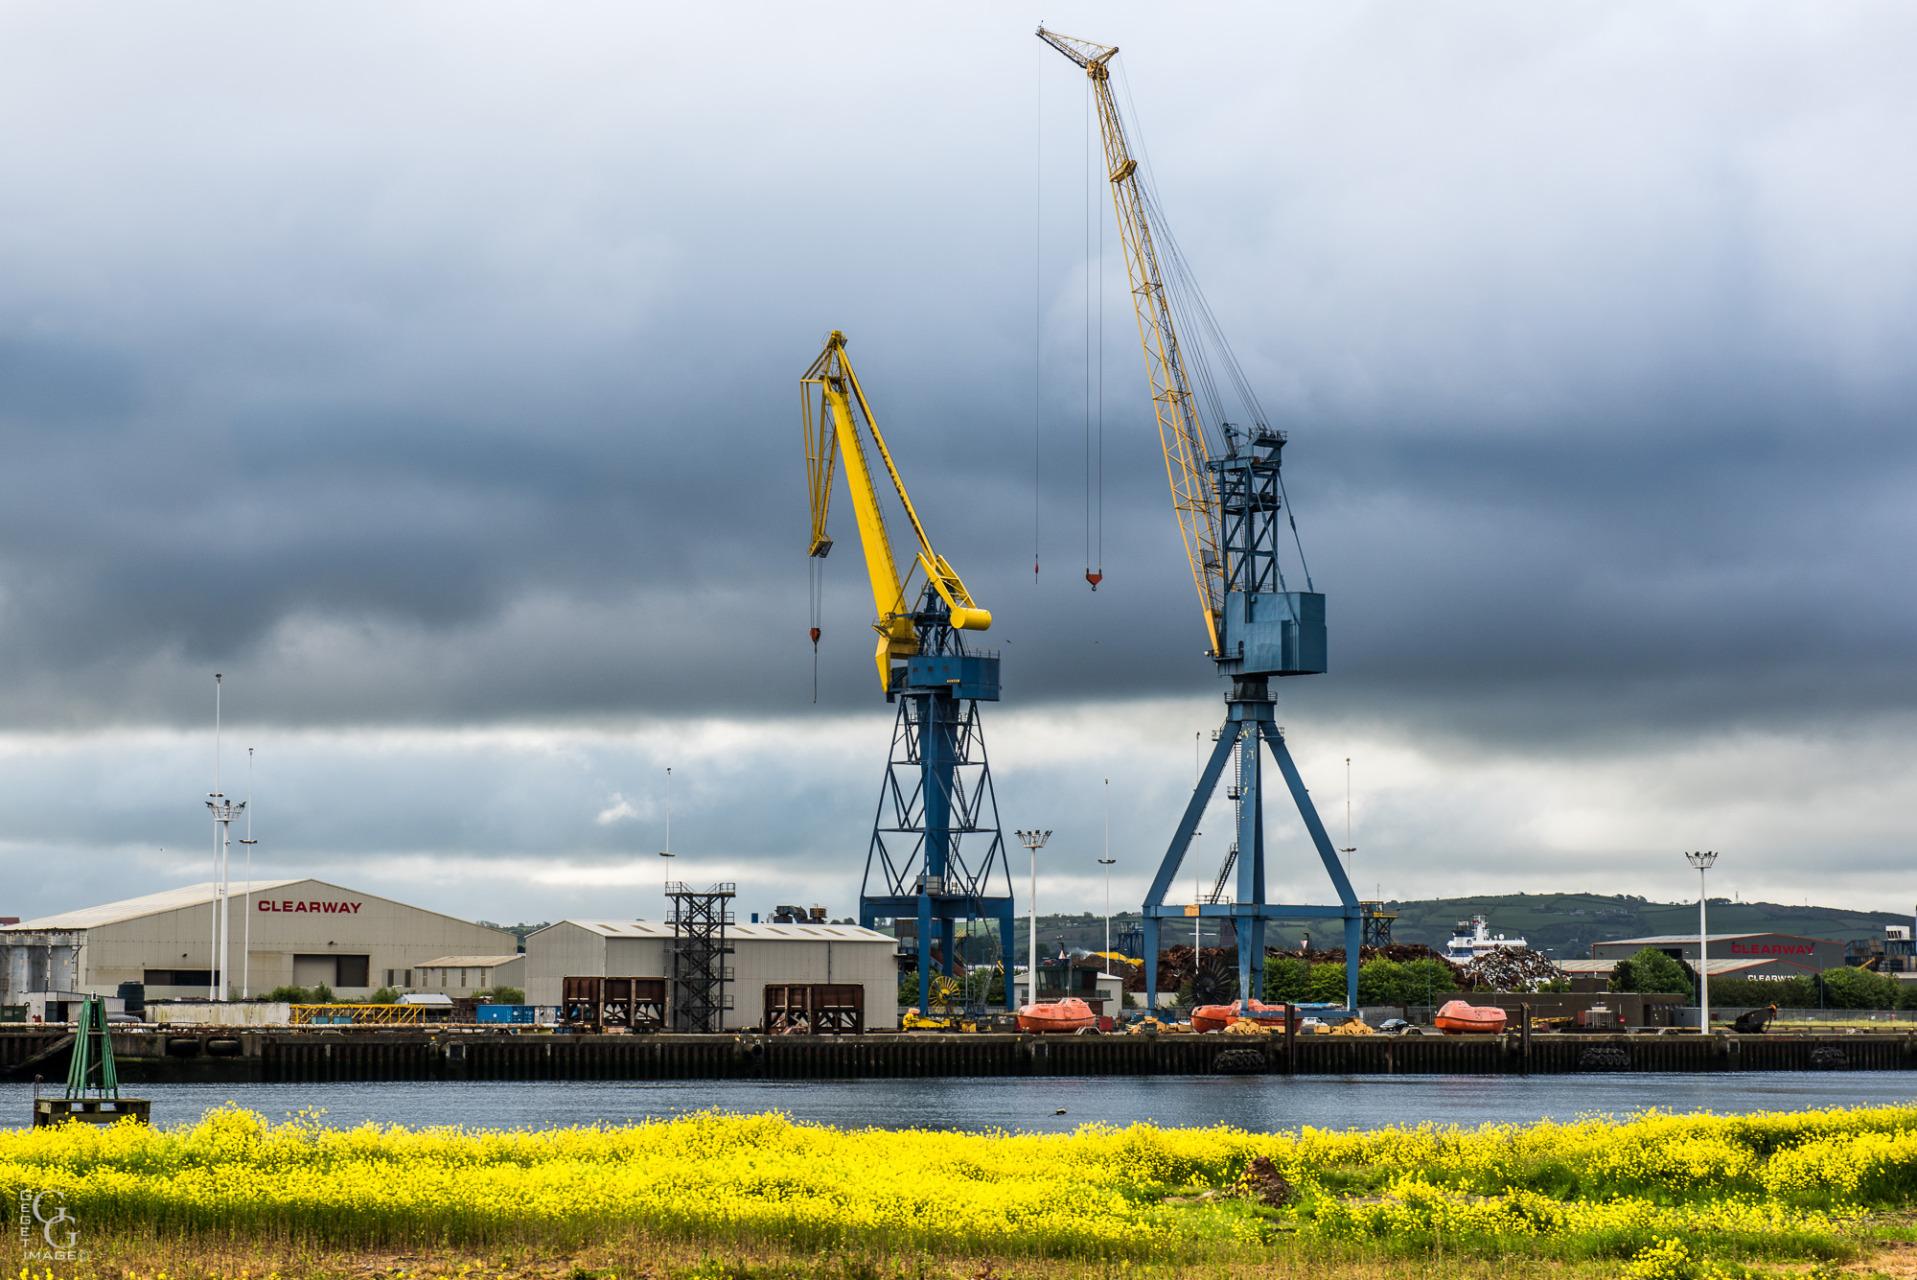 Entrée du Port de Belfast